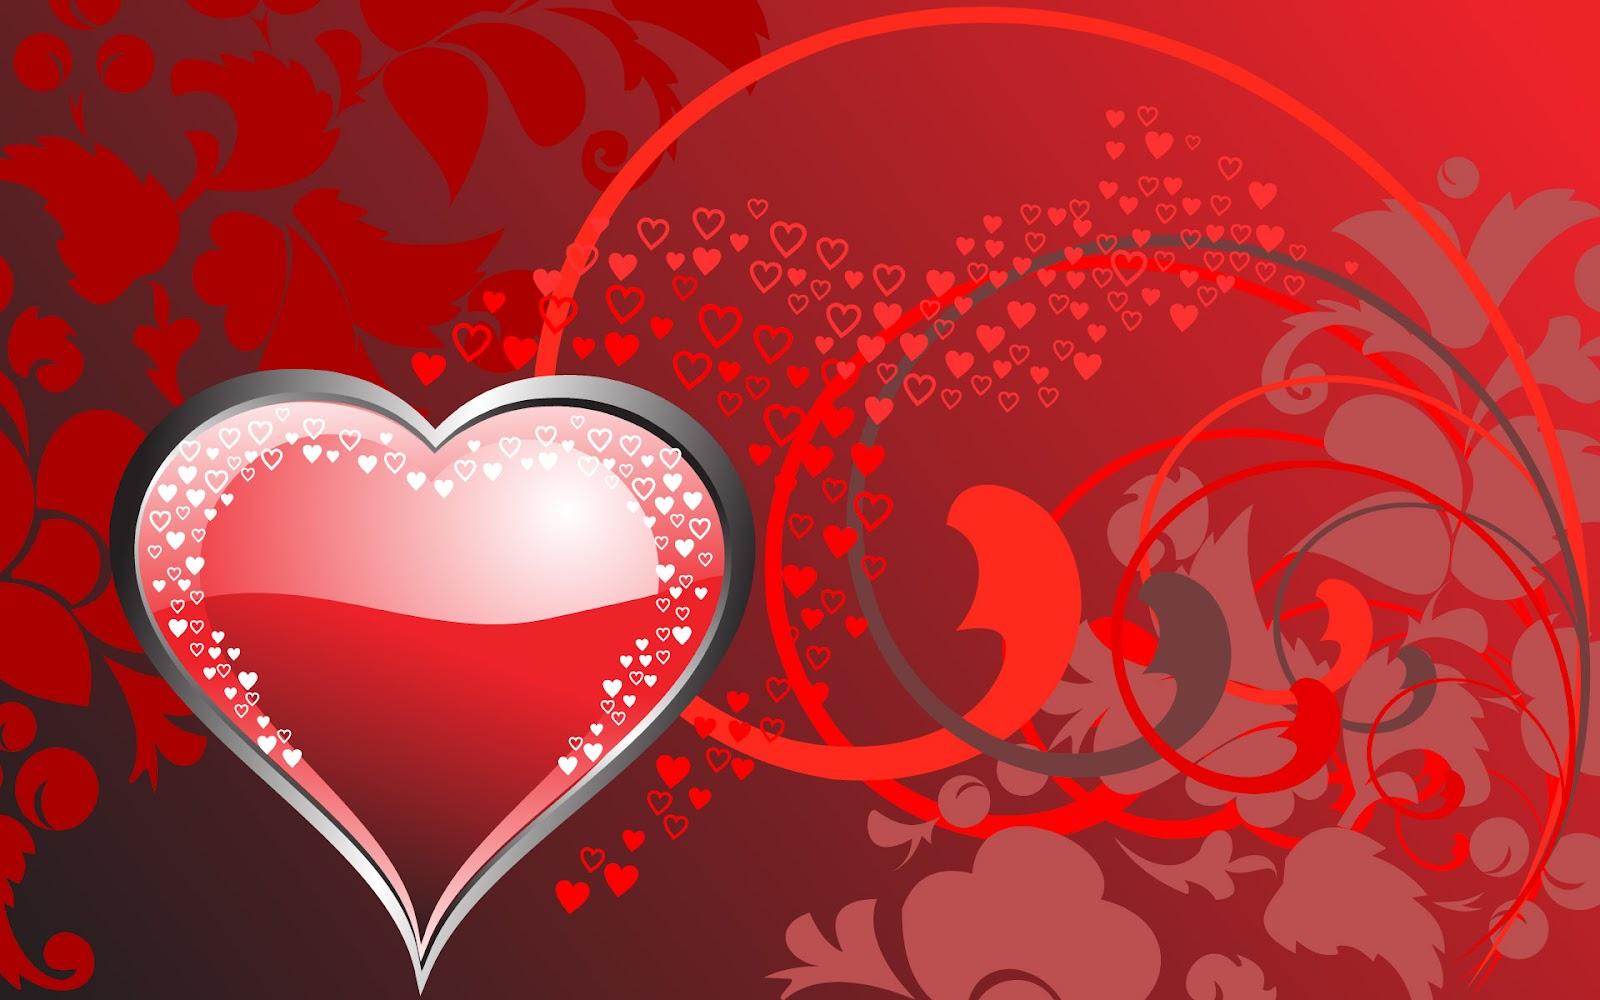 new love photos wallpaper, photos to wallpaper - best wallpaper